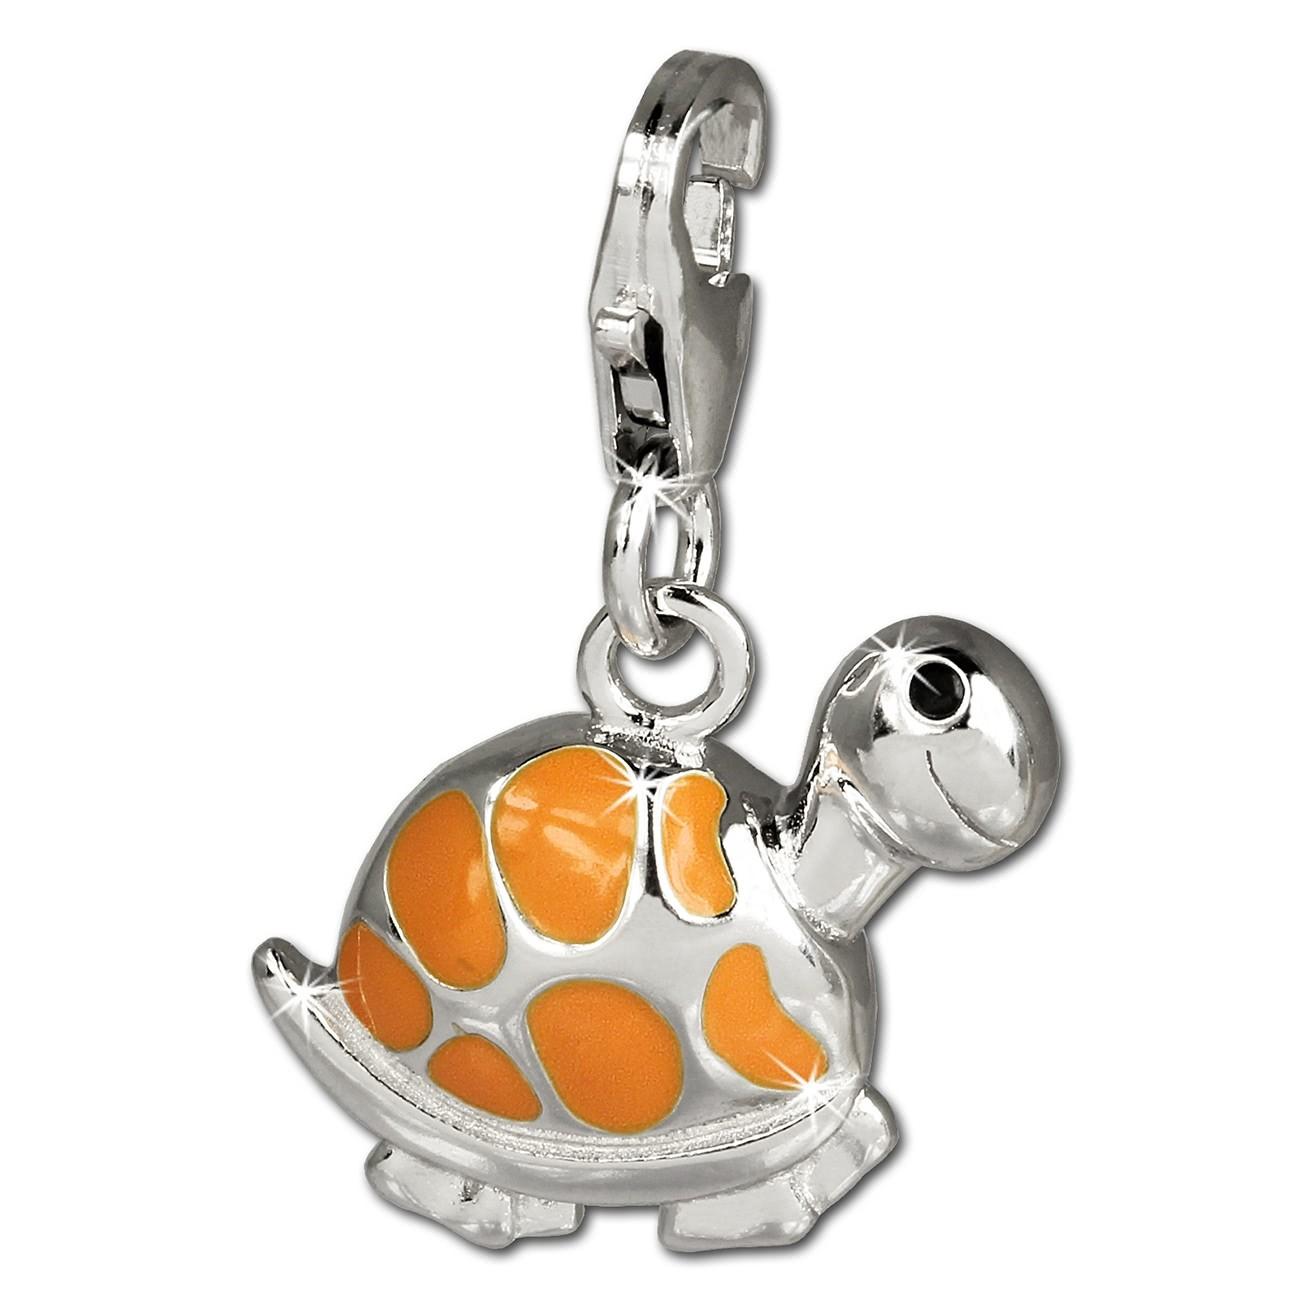 SilberDream Charm Schildkröte orange 925 Silber Armband Anhänger FC655